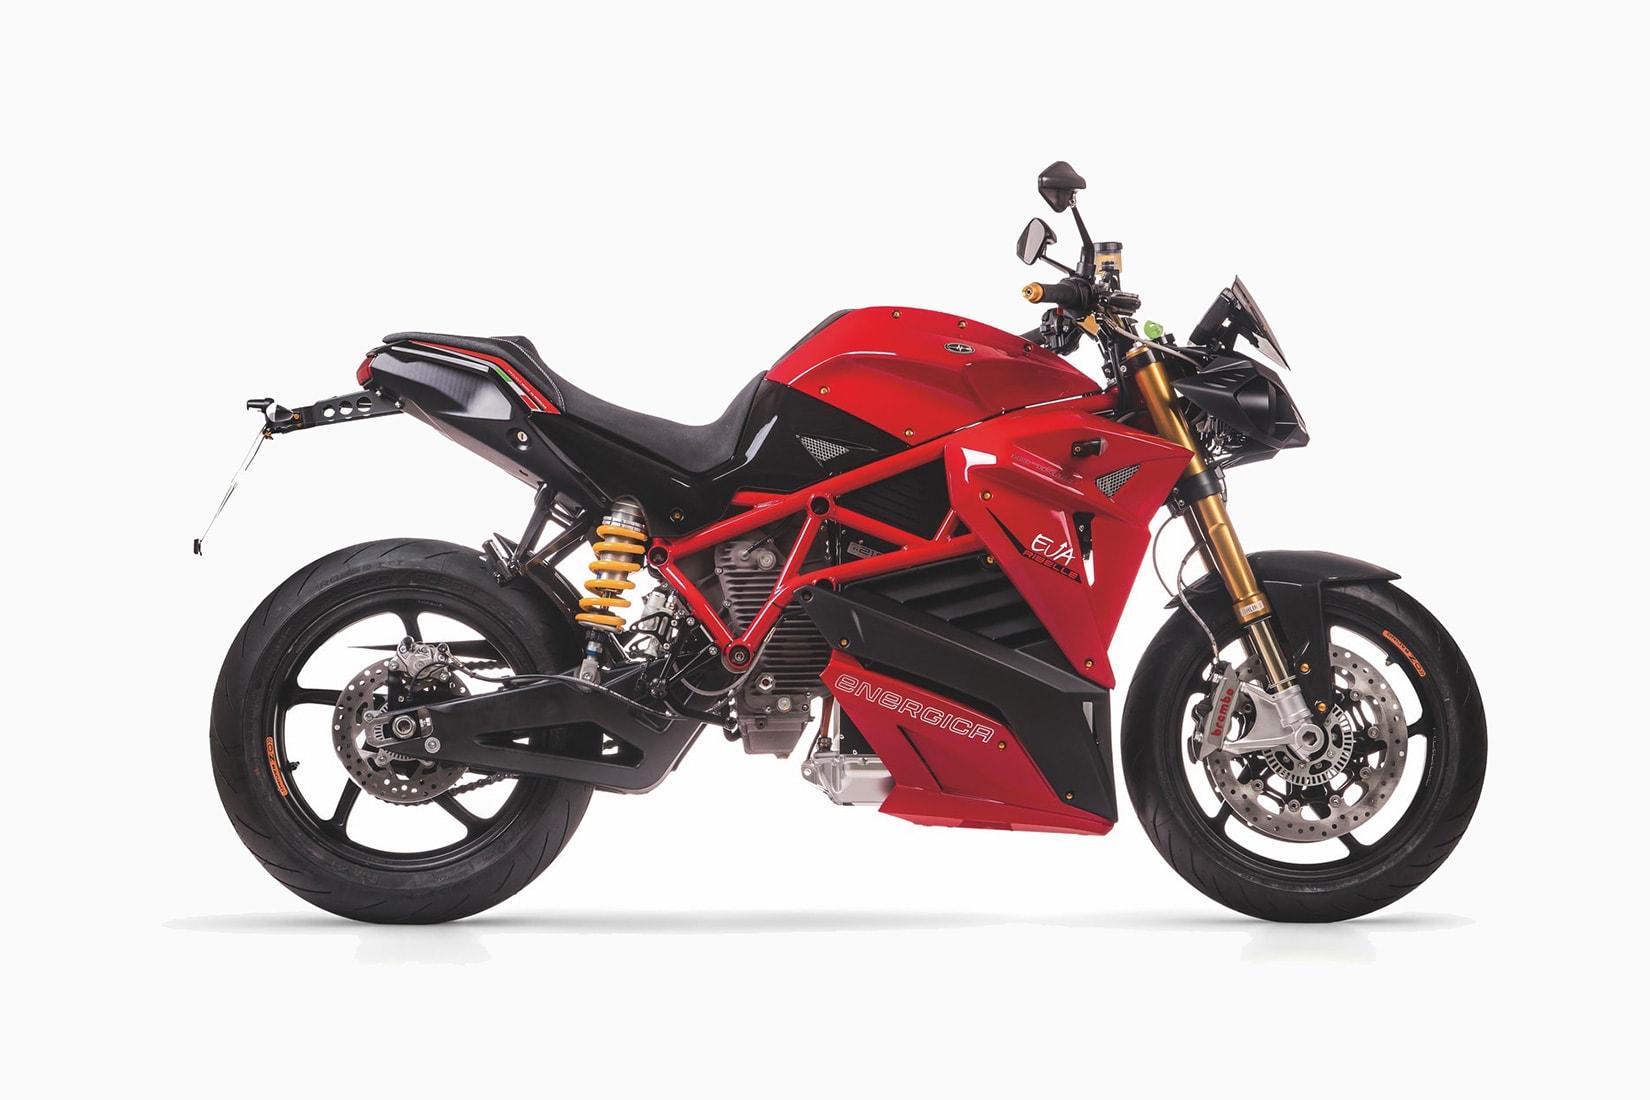 best electric motorcycles 2021 luxury Energica Eva Ribelle - Luxe Digital